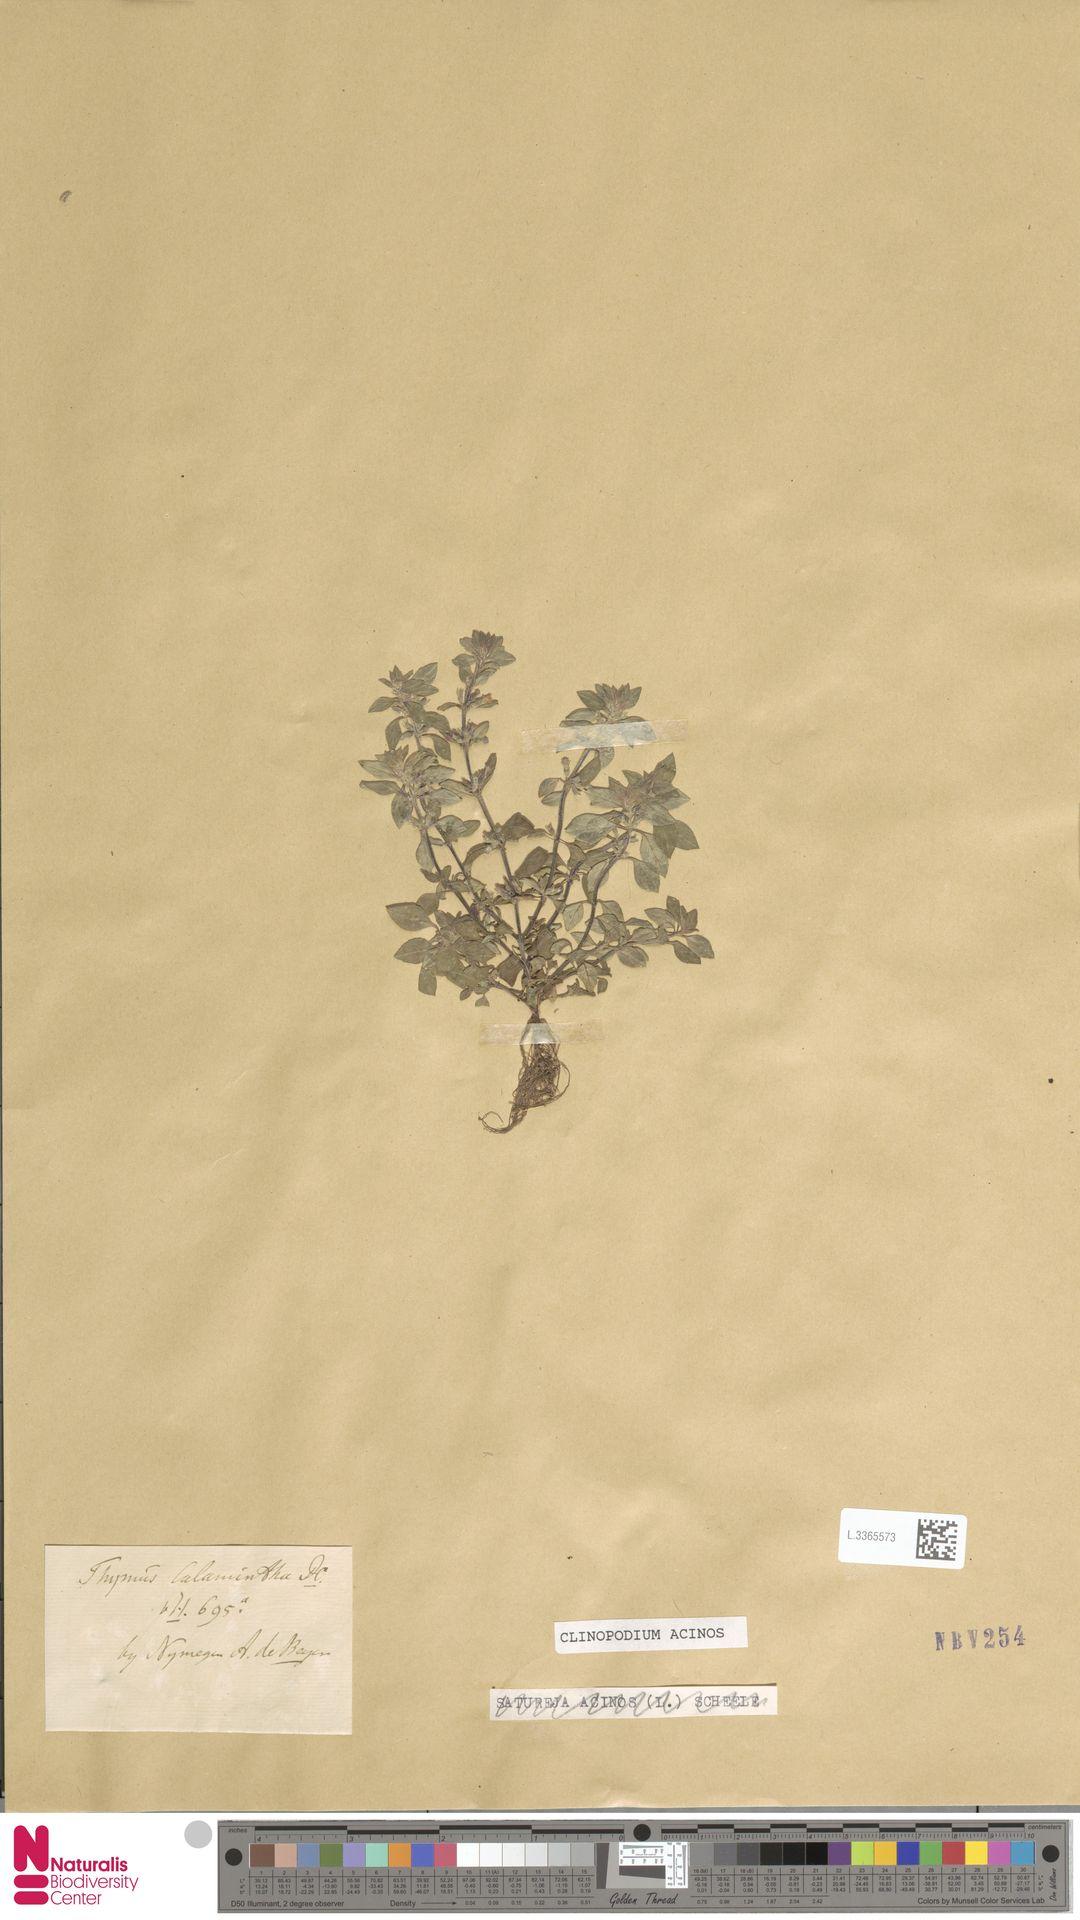 L.3365573   Clinopodium acinos (L.) Kuntze